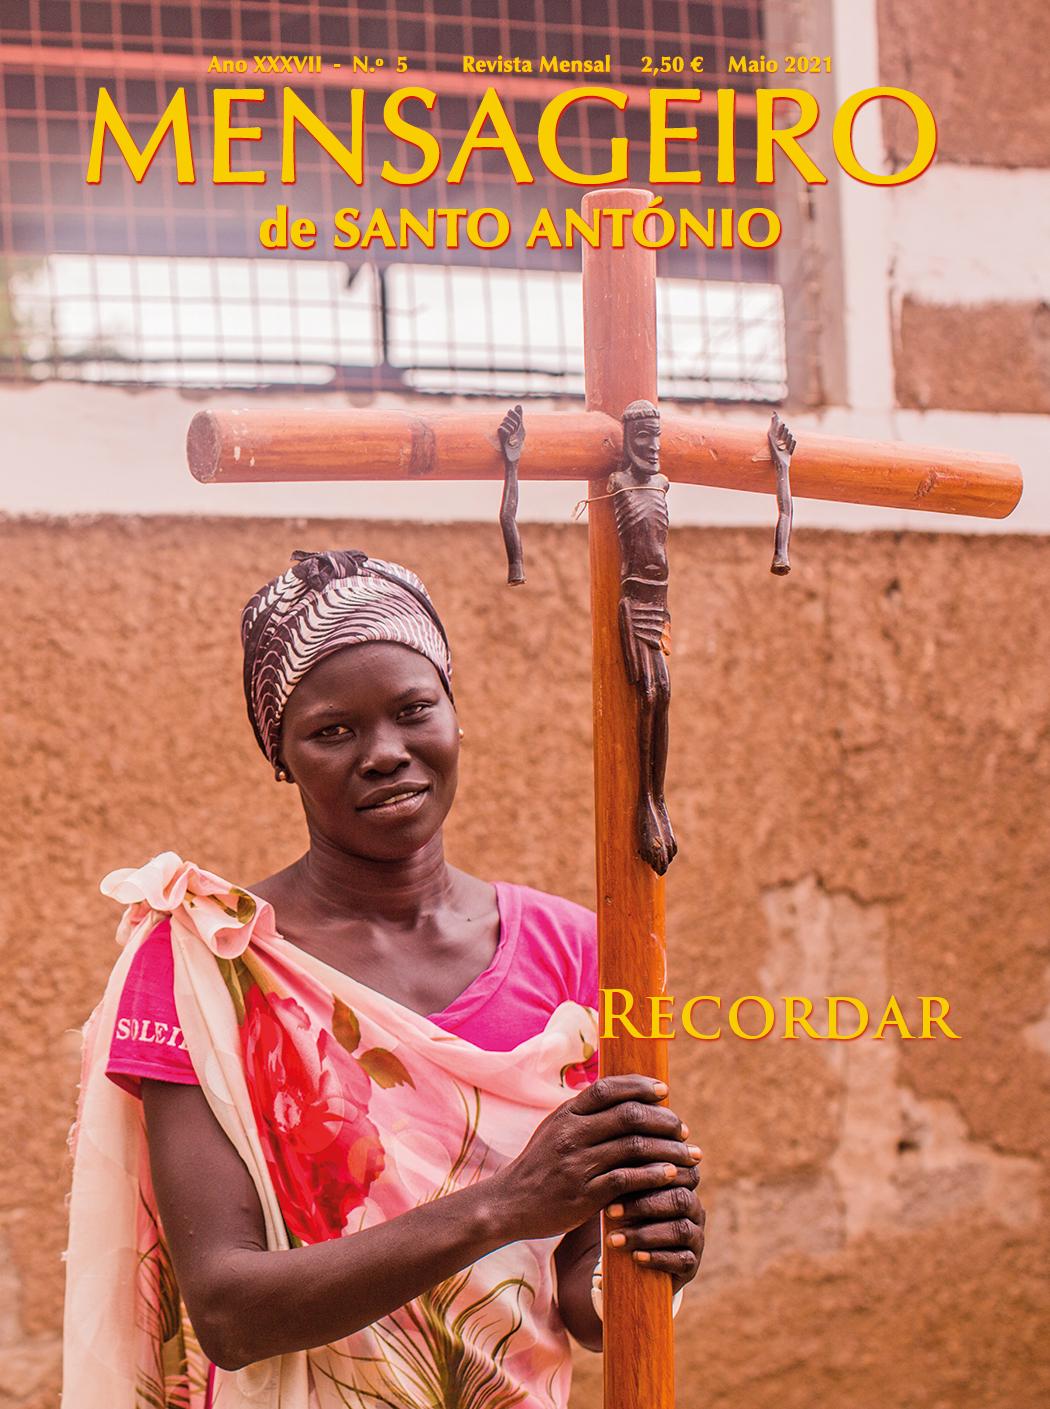 Capa da edição de maio 2021 da revista Mensageiro de Santo António - RECORDAR